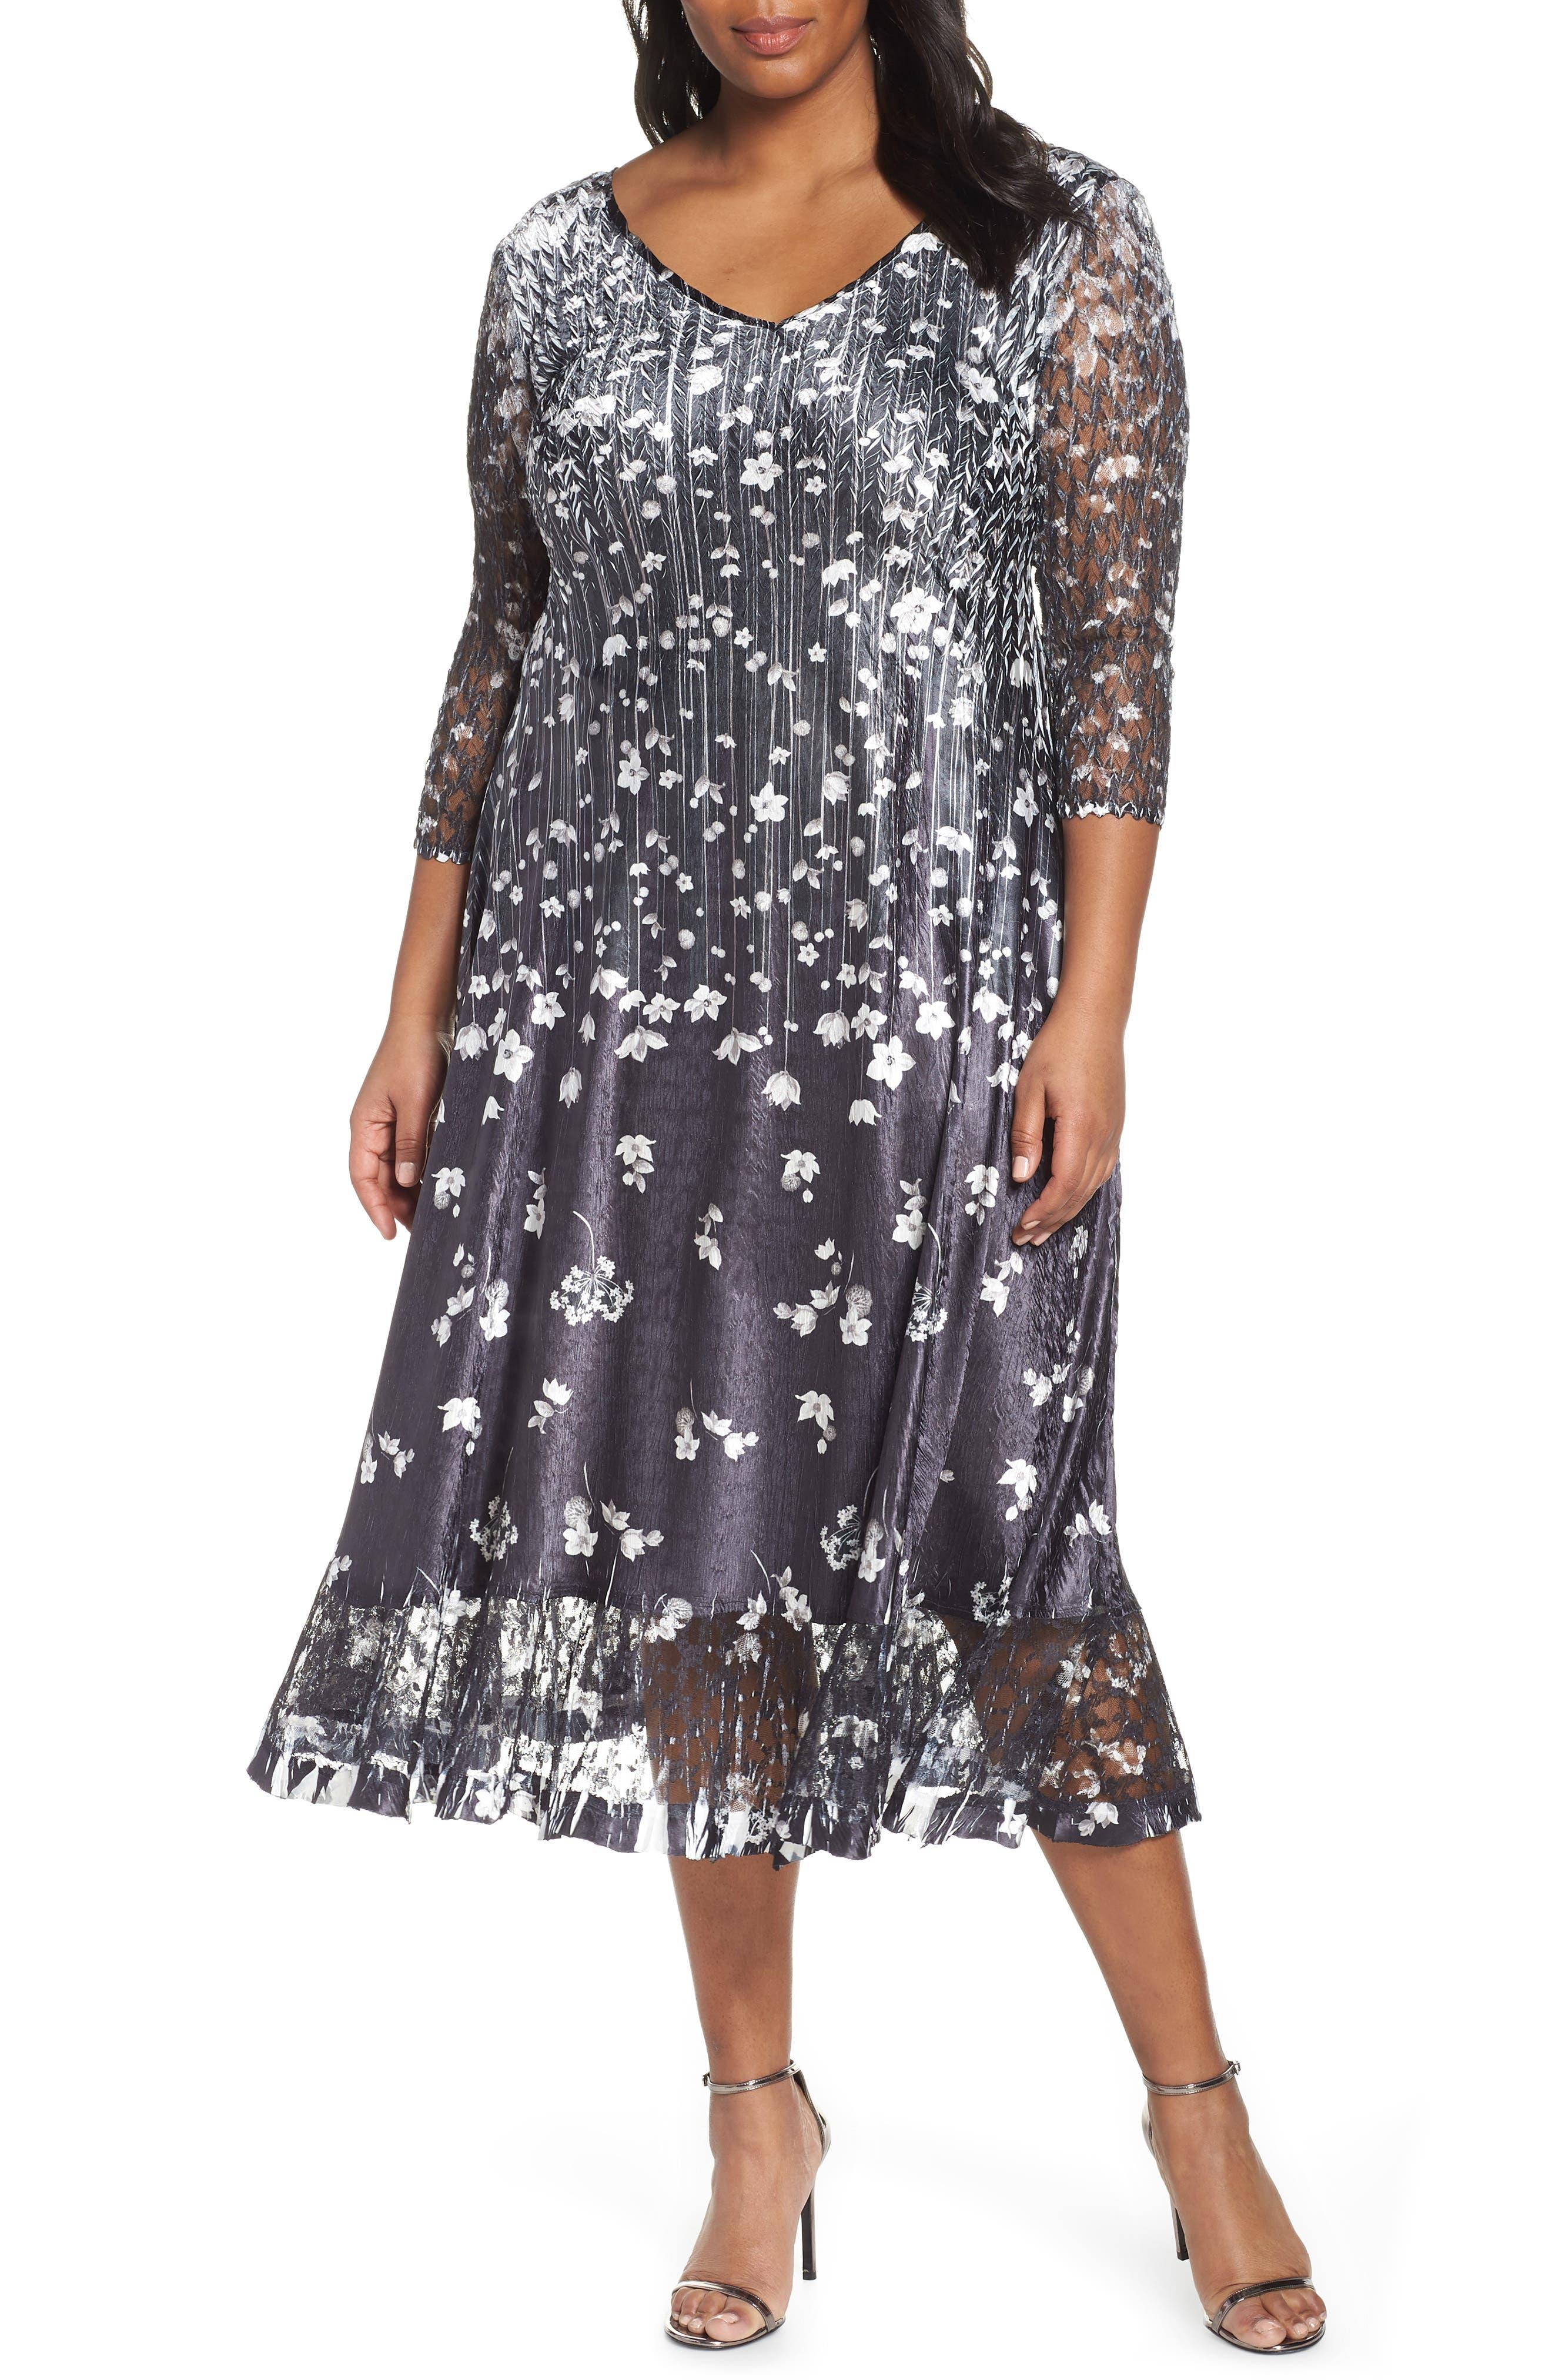 KOMAROV Floral Print A-Line Dress, Main, color, BLACK MEADOW